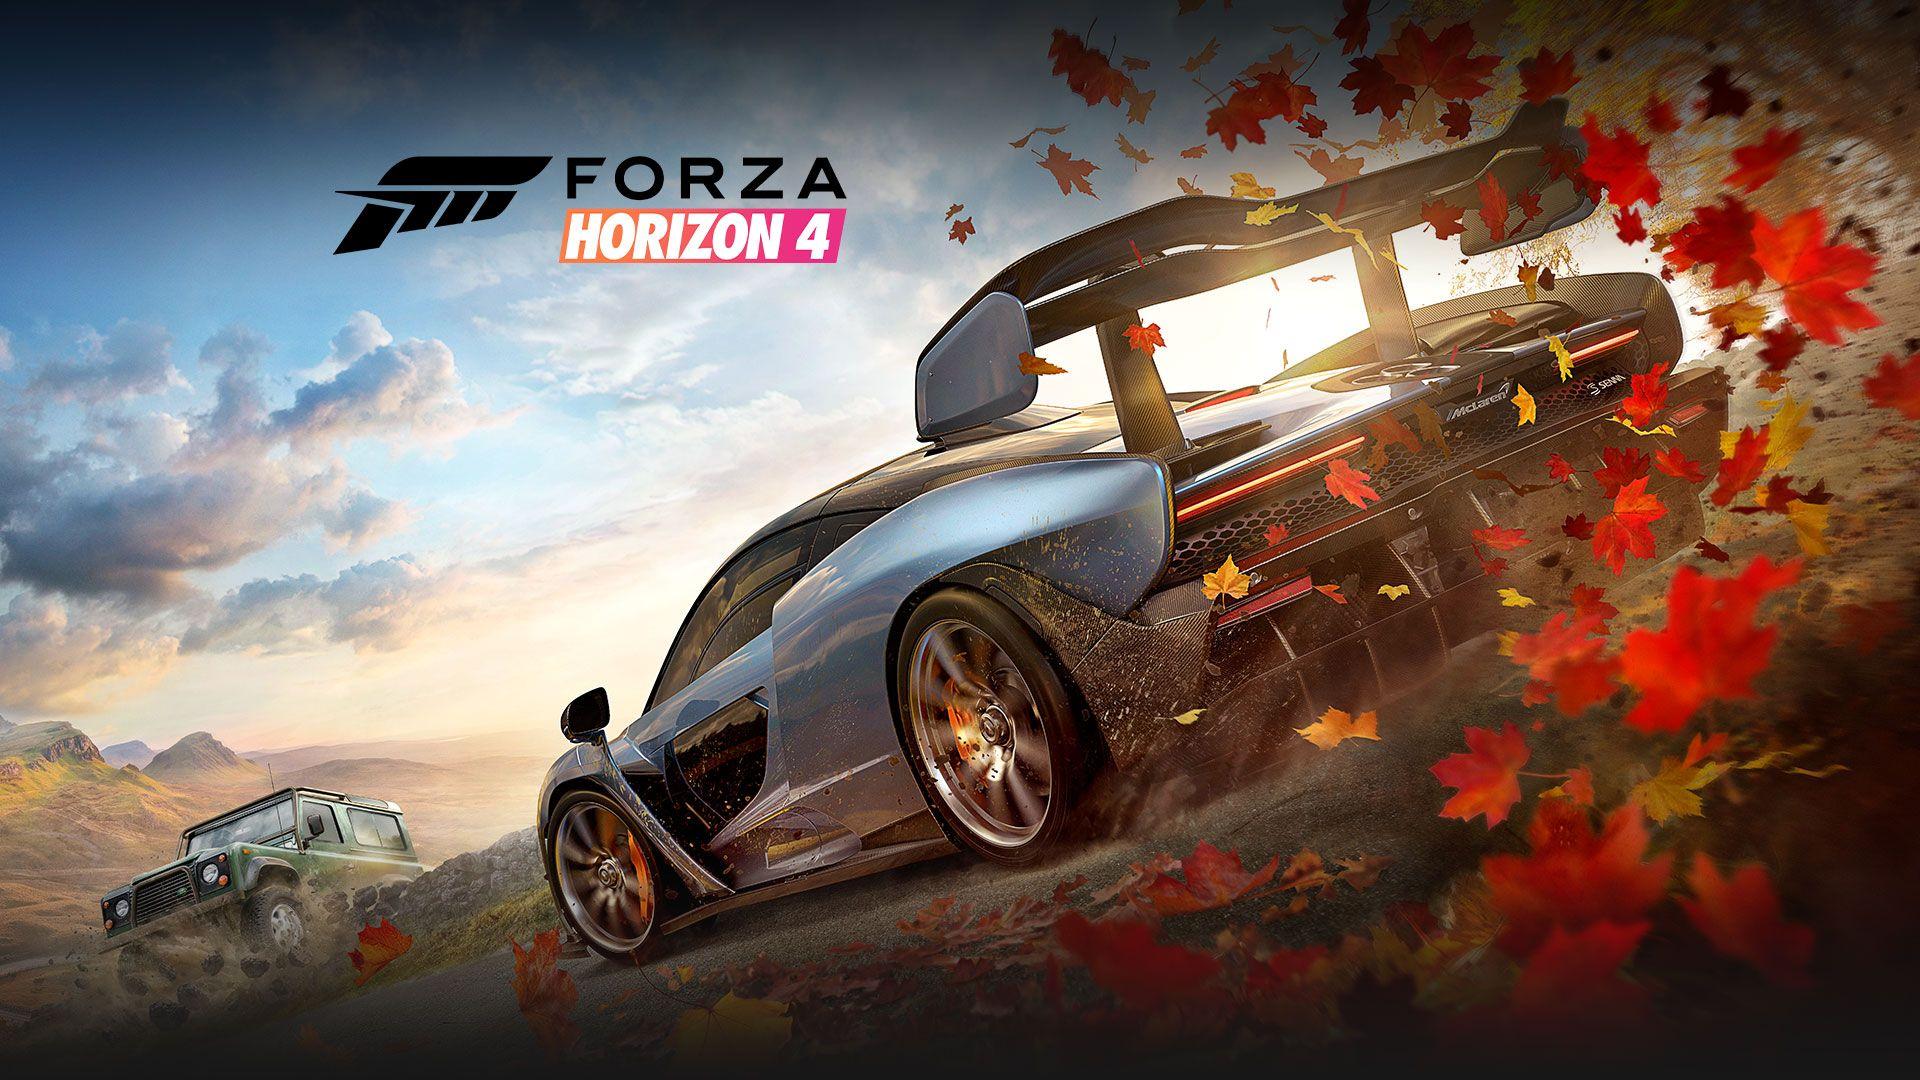 Forza Horizon 4 Xbox pc